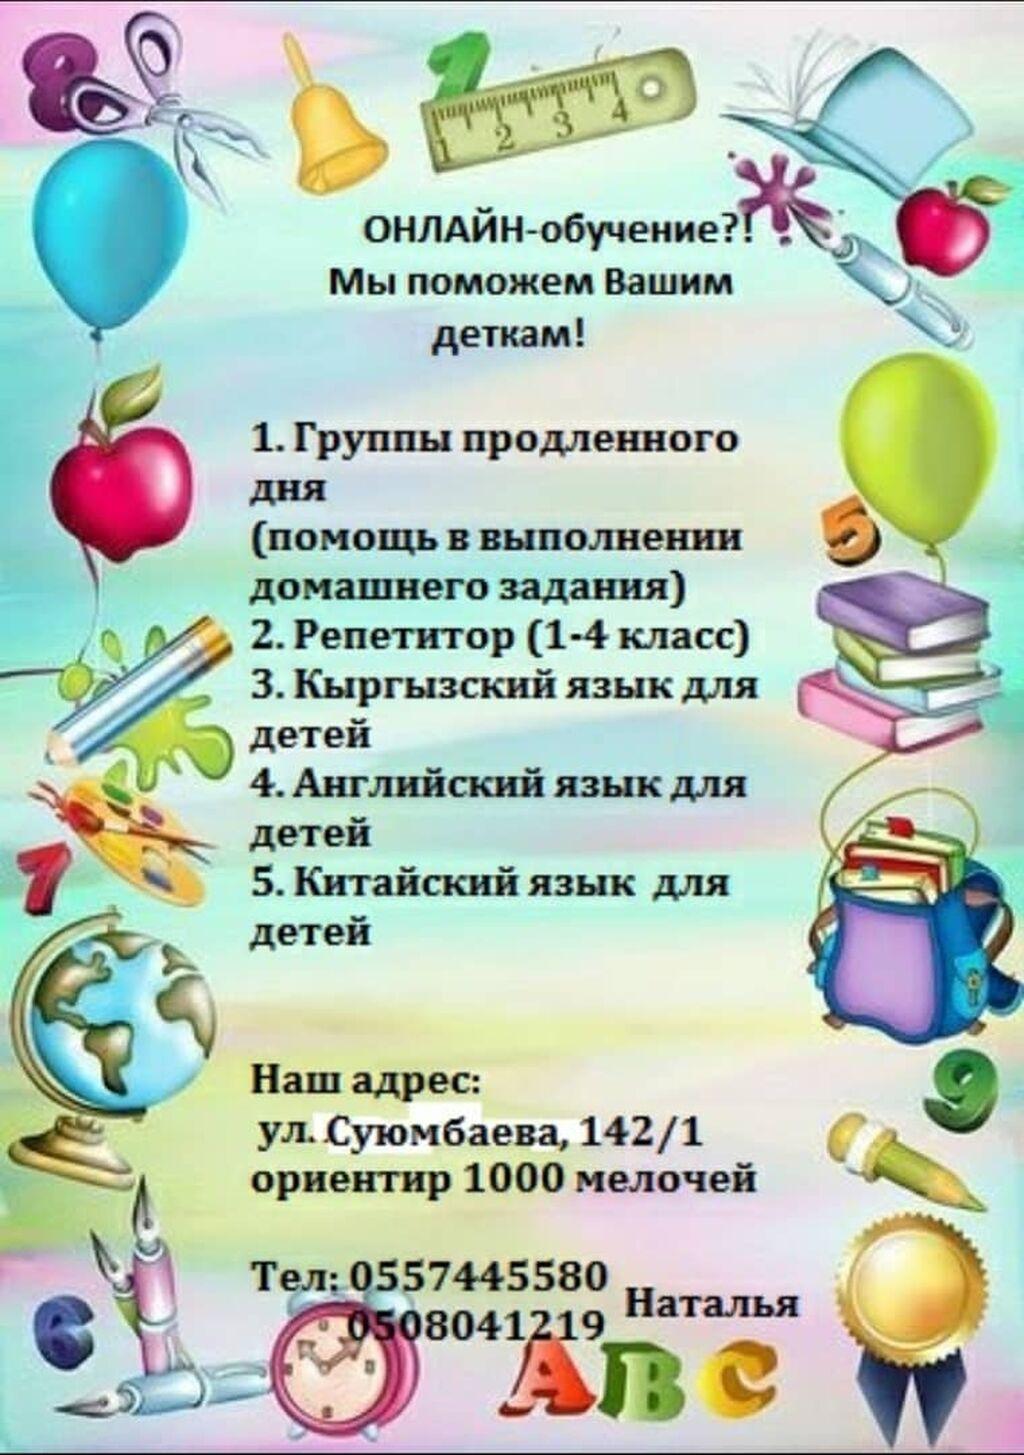 Языковые курсы | Английский, Китайский, Кыргызский | Для детей: Языковые курсы | Английский, Китайский, Кыргызский | Для детей